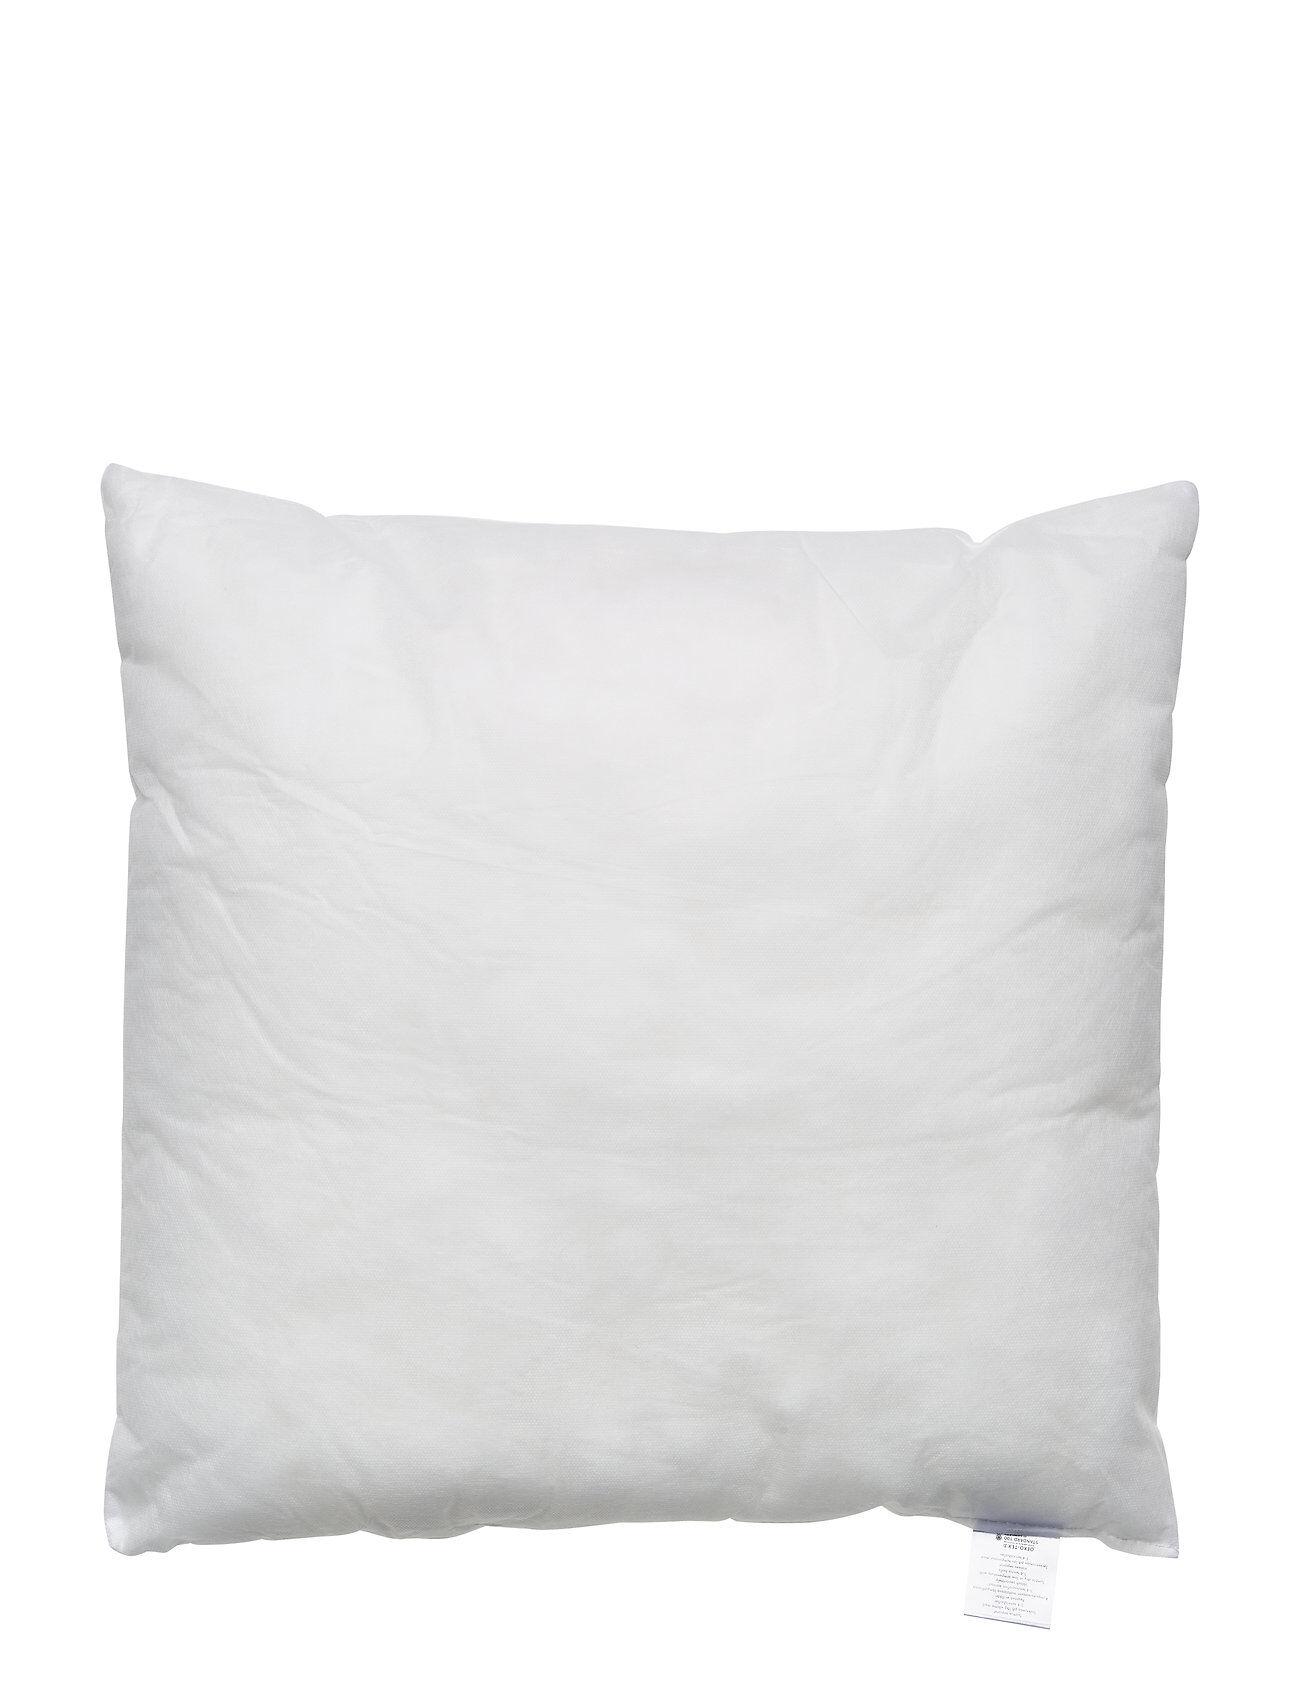 Gripsholm Inner Cushion Tyyny Täkki Valkoinen Gripsholm